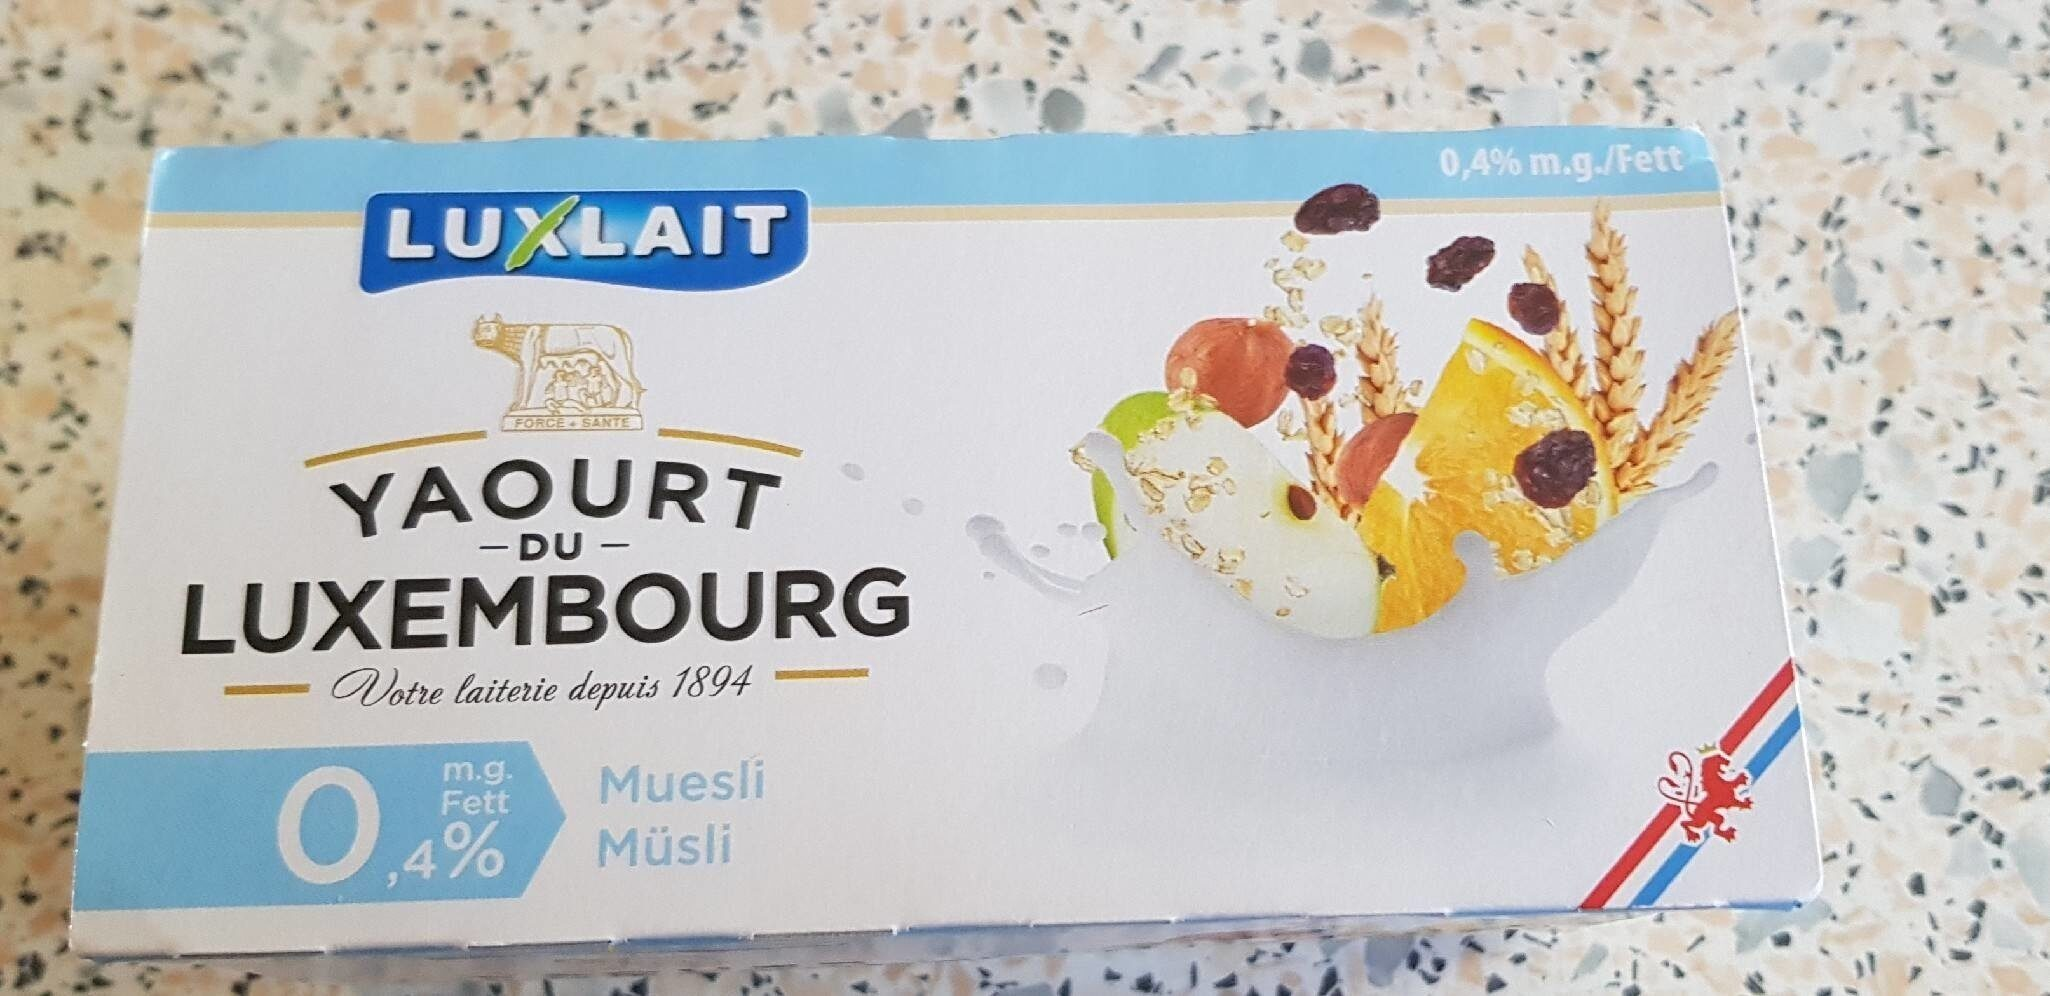 Yaourt du Luxembourg  muesli - Prodotto - fr